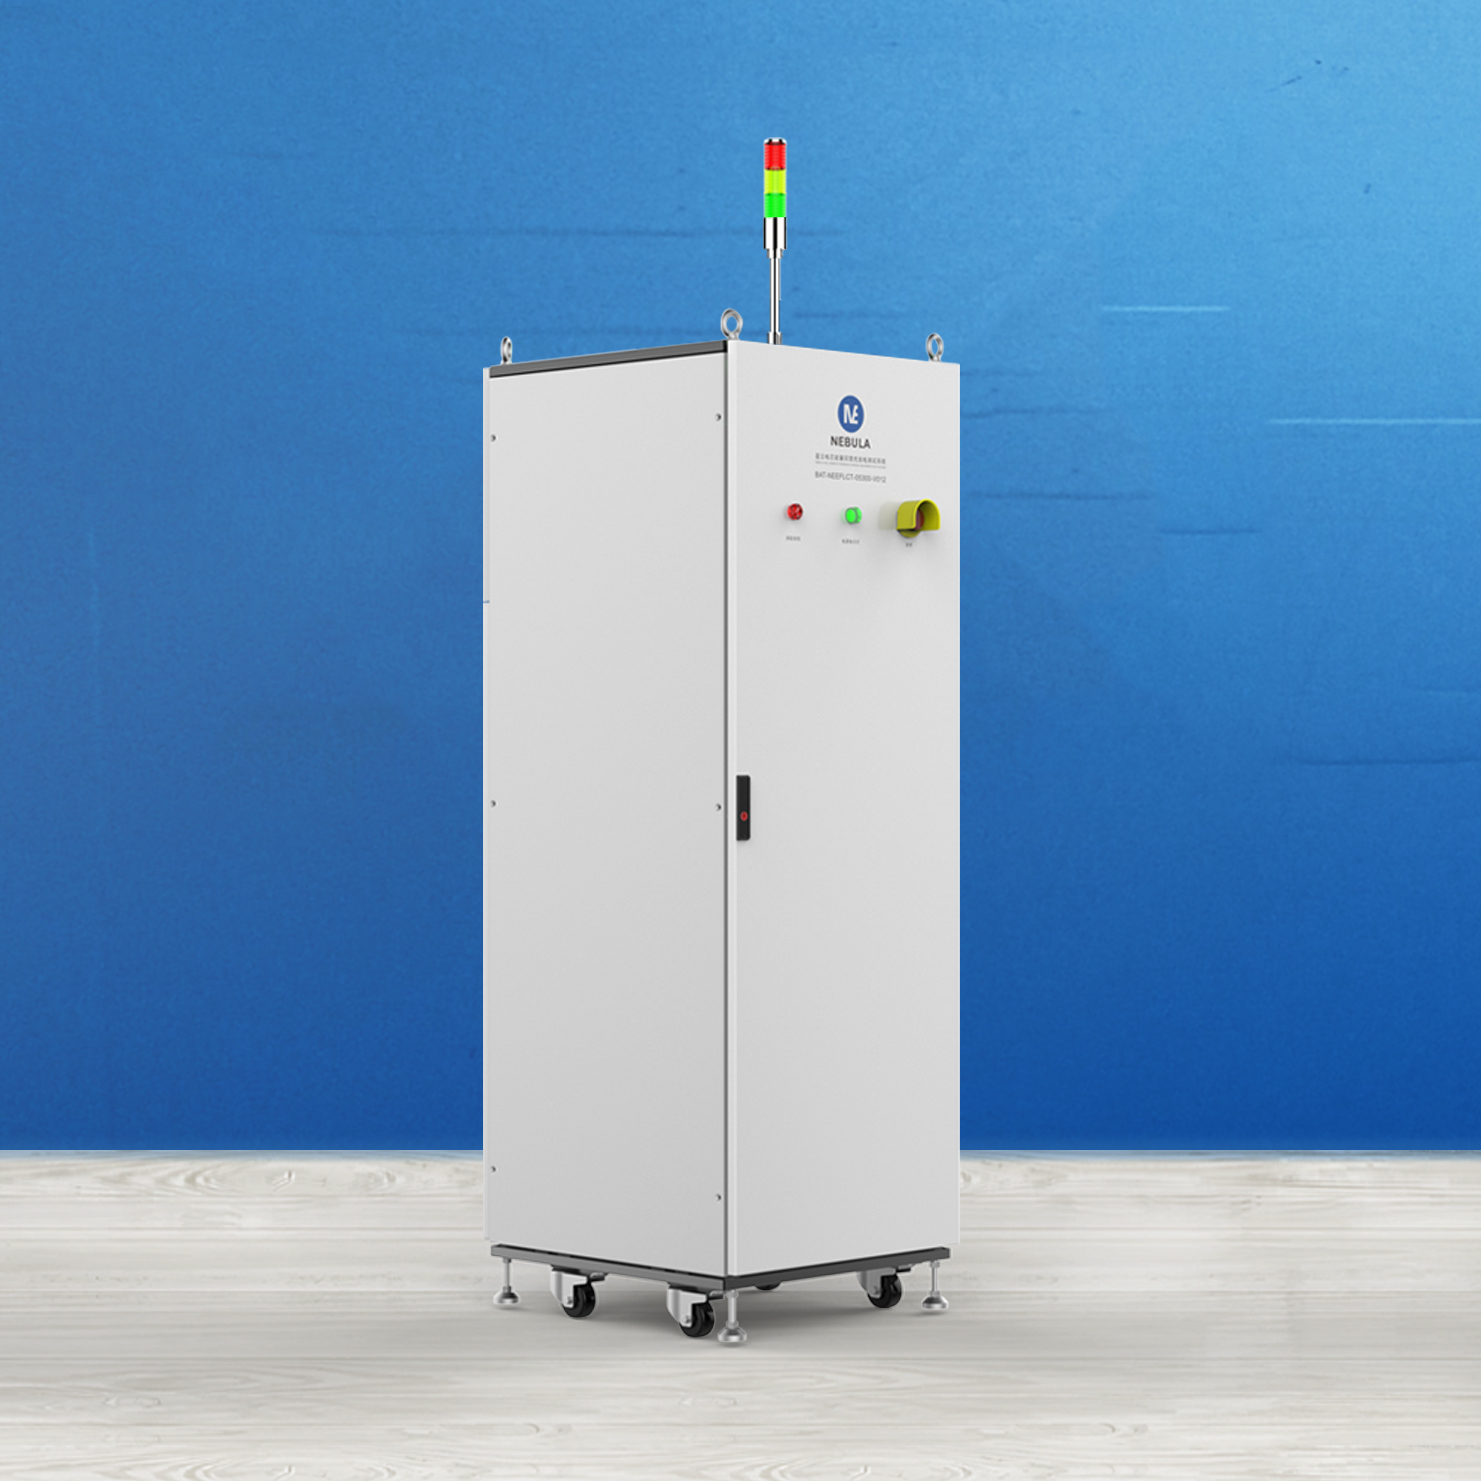 星云电芯能量回馈充放电测试系统BAT-NEEFLCT-05300-V012 Featured Image